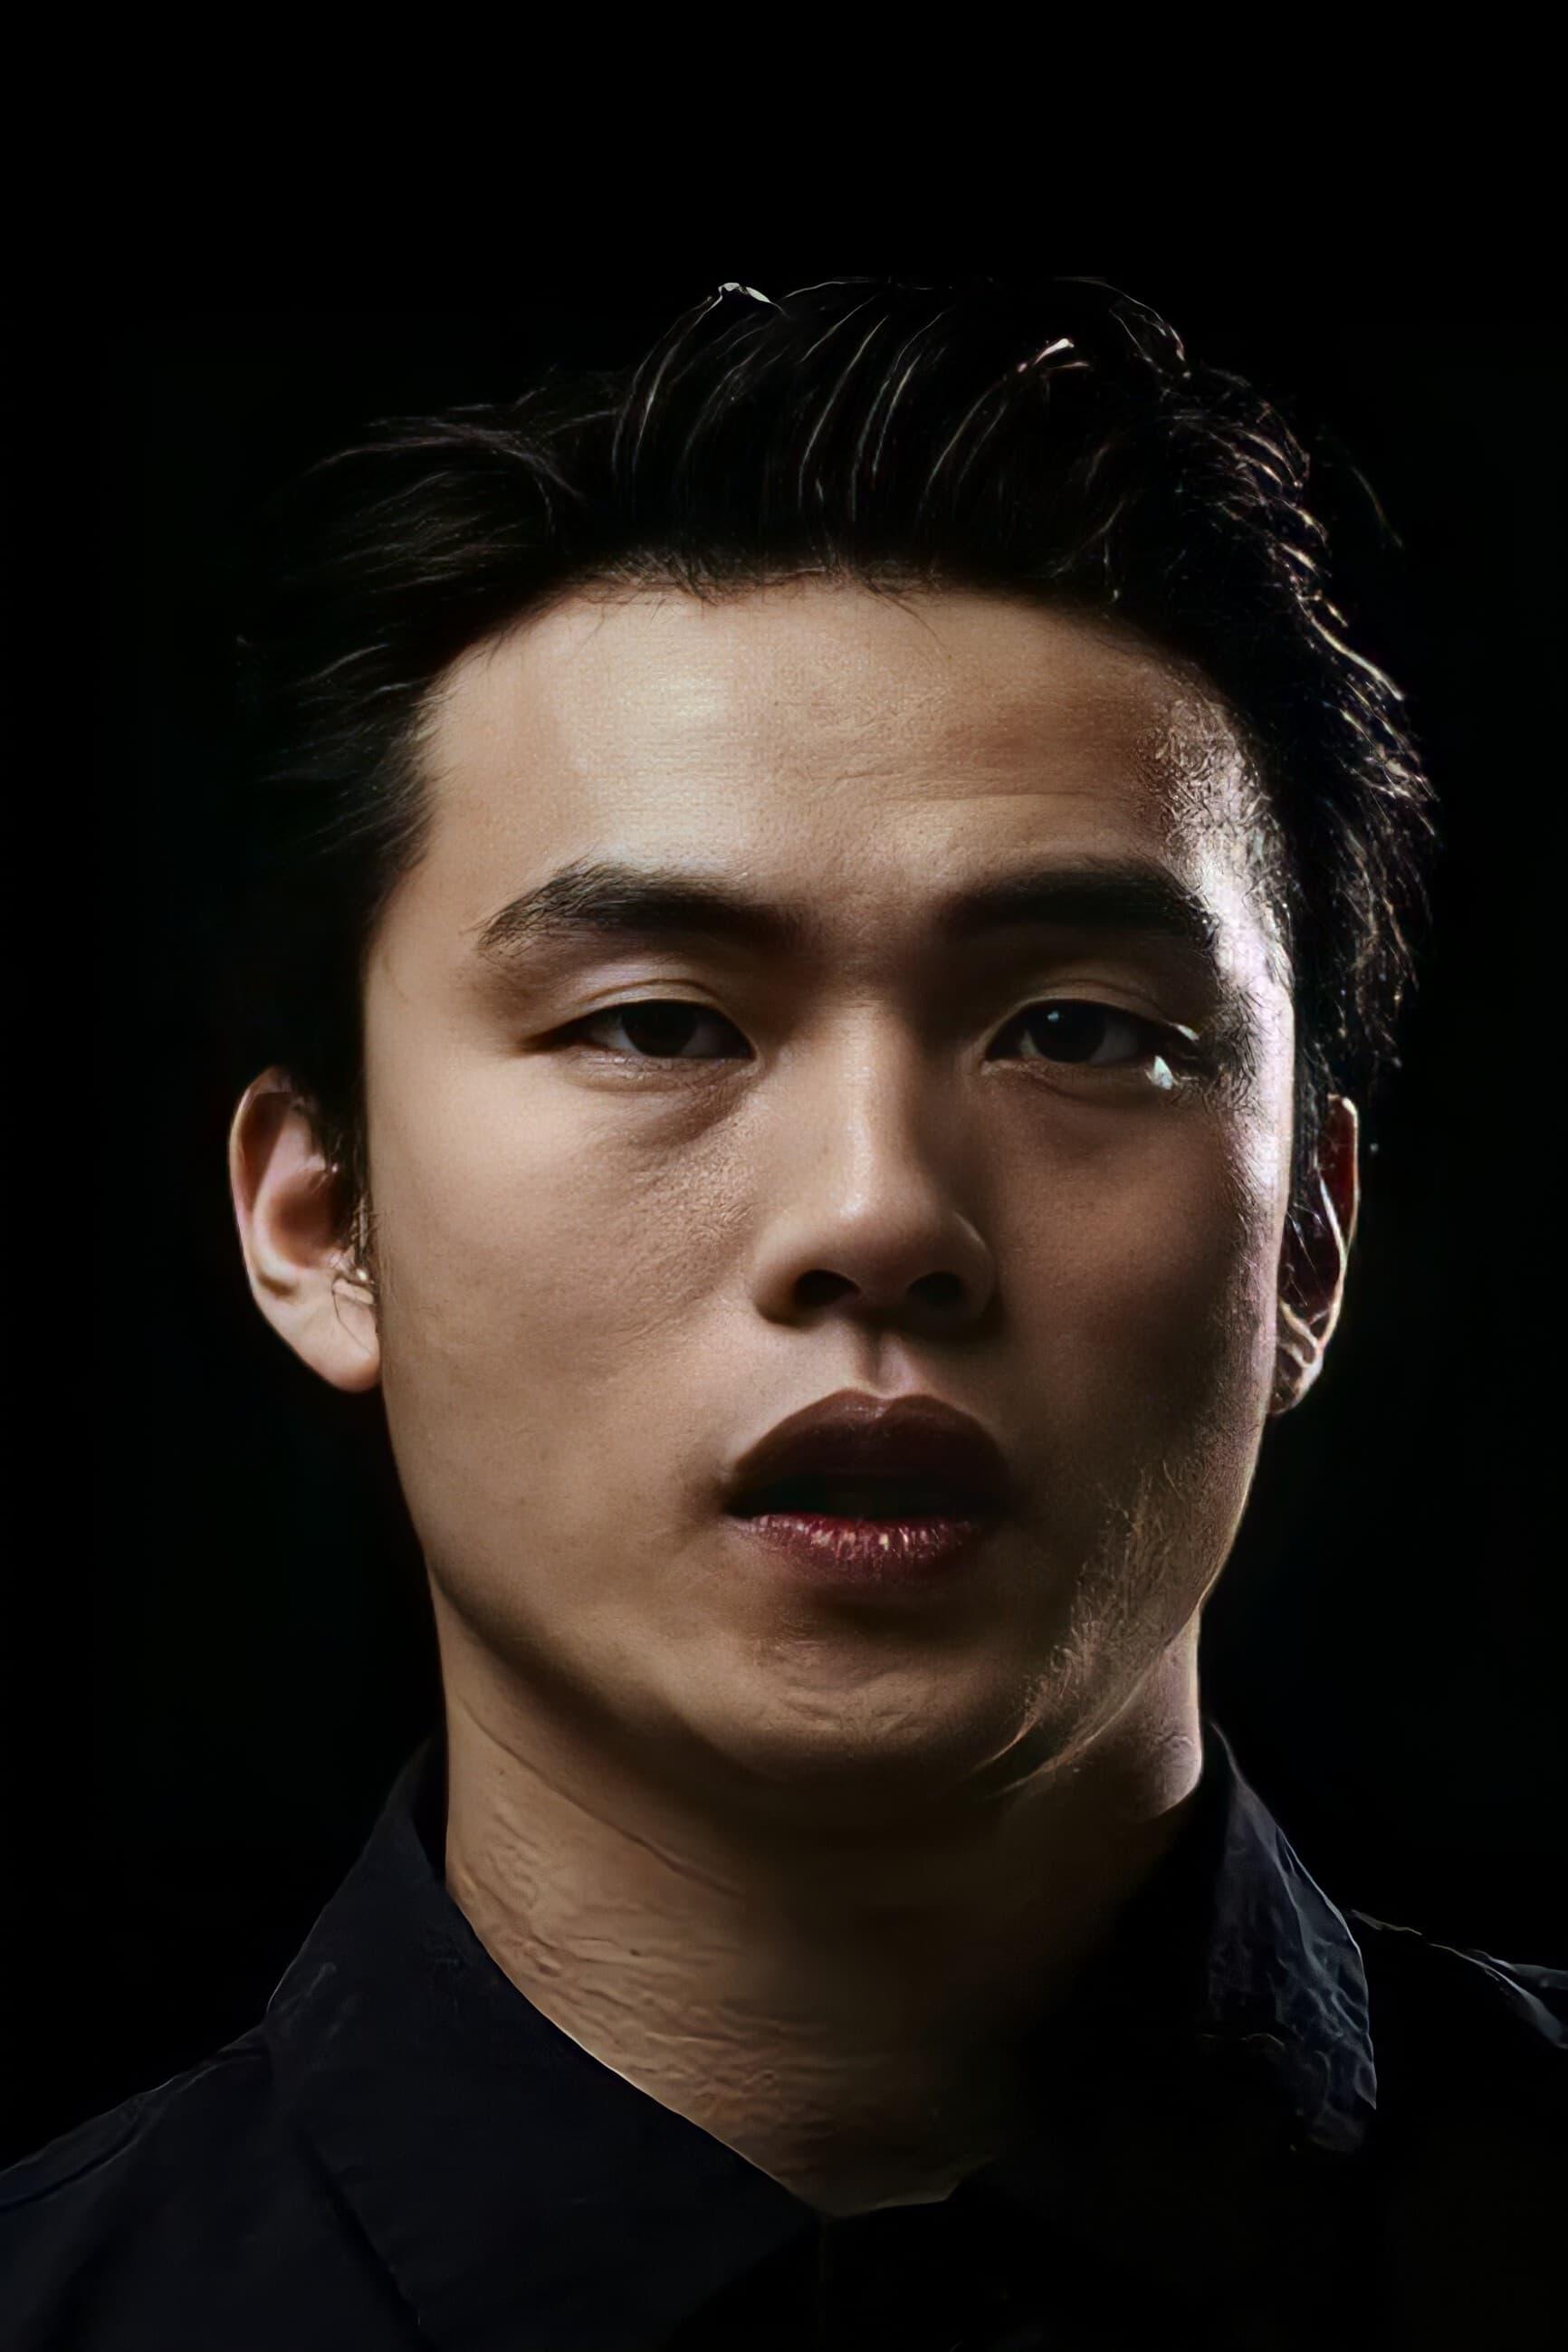 Kang Tae-young